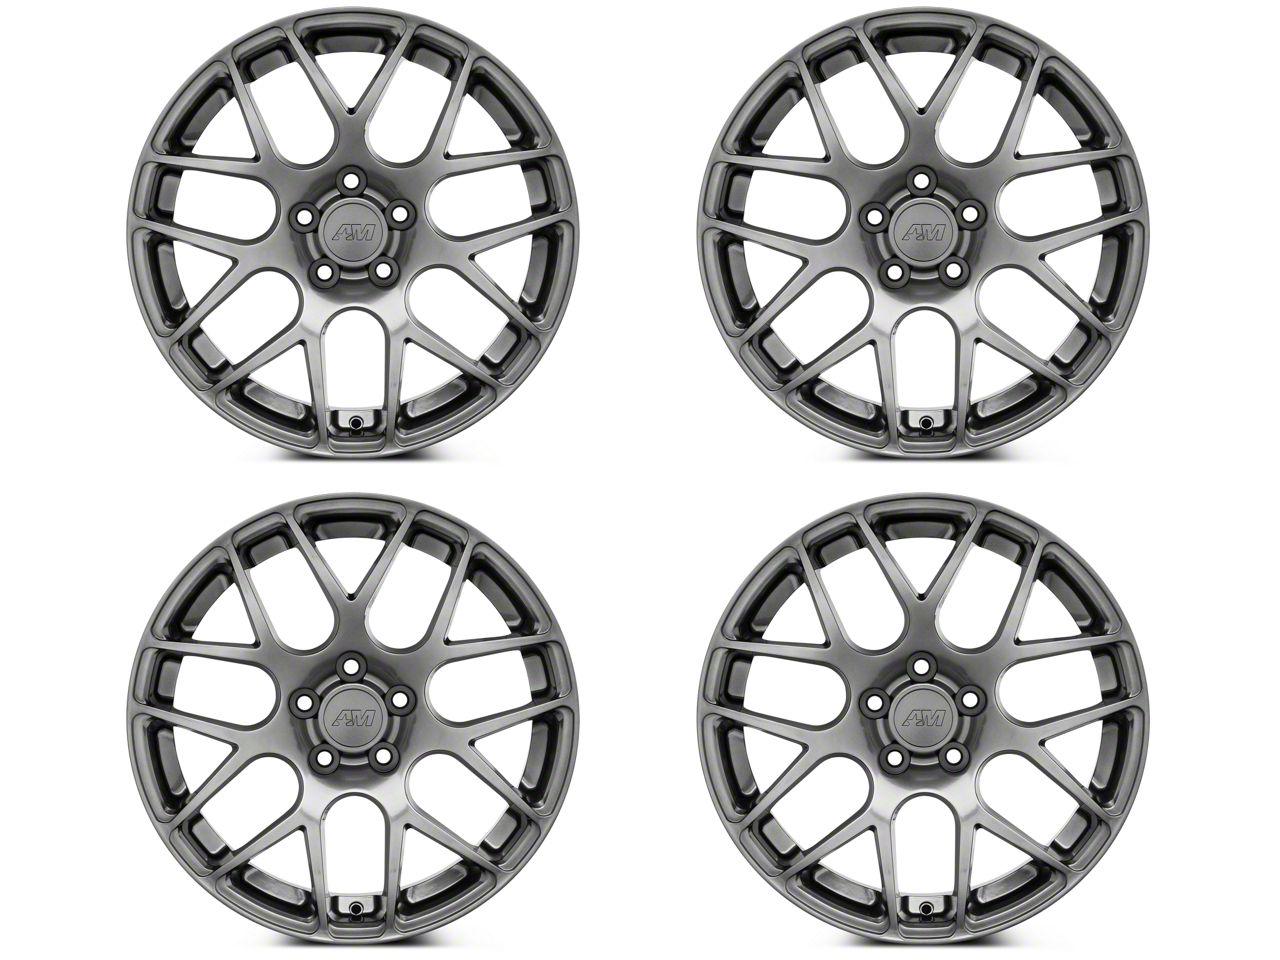 AMR Dark Stainless 4 Wheel Kit - 18x9 (05-14 All)